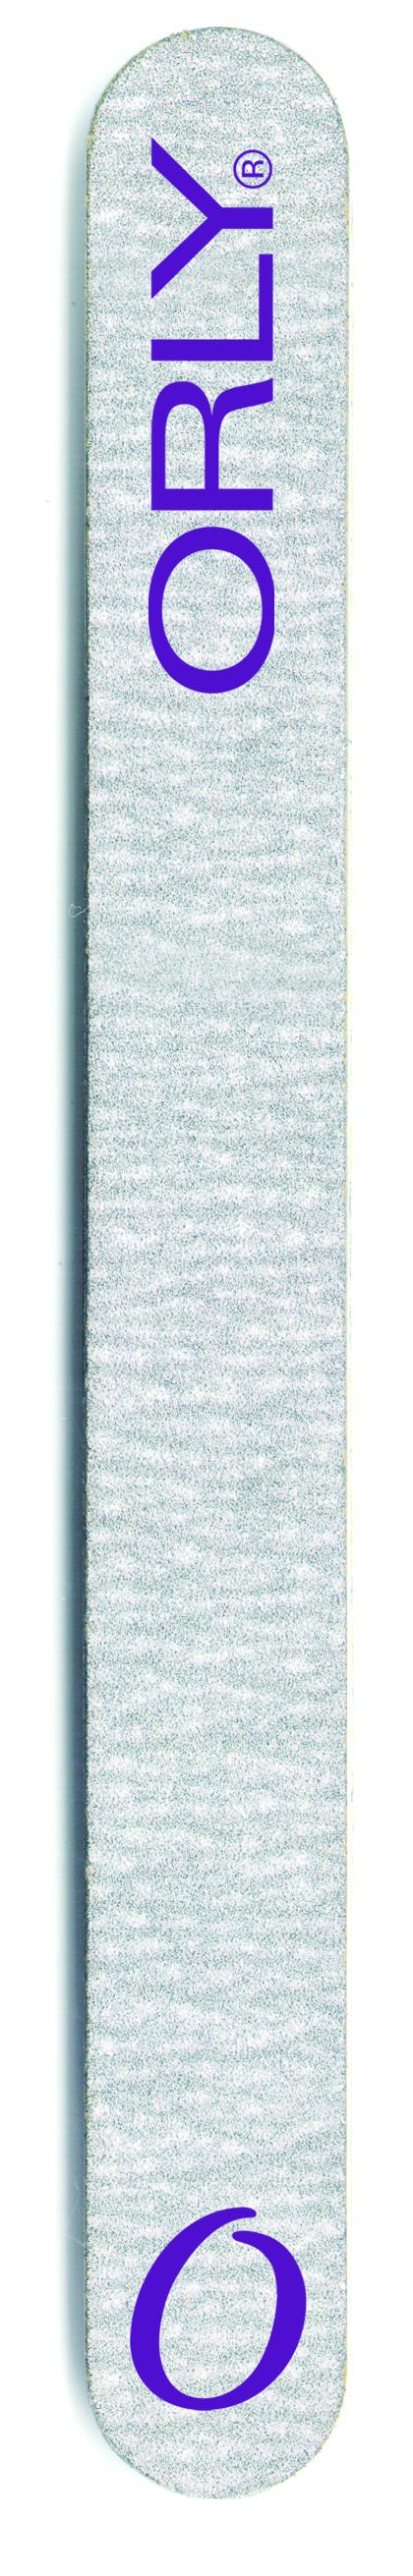 ORLY Двухсторонняя пилка с разной степенью жесткости (100 и 180 ед.) / Zebra Foam Board.Пилки для ногтей<br>Zebra Foam Board   это очень удобная пилка с двумя степенями жесткости для искусственных и крепких натуральных ногтей. Первая сторона с абразивностью в 100 ед. позволит придать форму искусственным ногтям. А вторая сторона с абразивом 180 ед. сделает совершенным свободный край натурального ногтя. Способ применения: 1. Подбирайте пилку по типу ногтей: чем абразивность выше, тем пилка мягче, а значит меньше вероятность повредить ногти. 2. Для натуральных ногтей выбирайте пилку абразивом выше 180ед. 3. Старайтесь, чтобы движения пилки были в одном направлении от края к центру ногтя.<br>